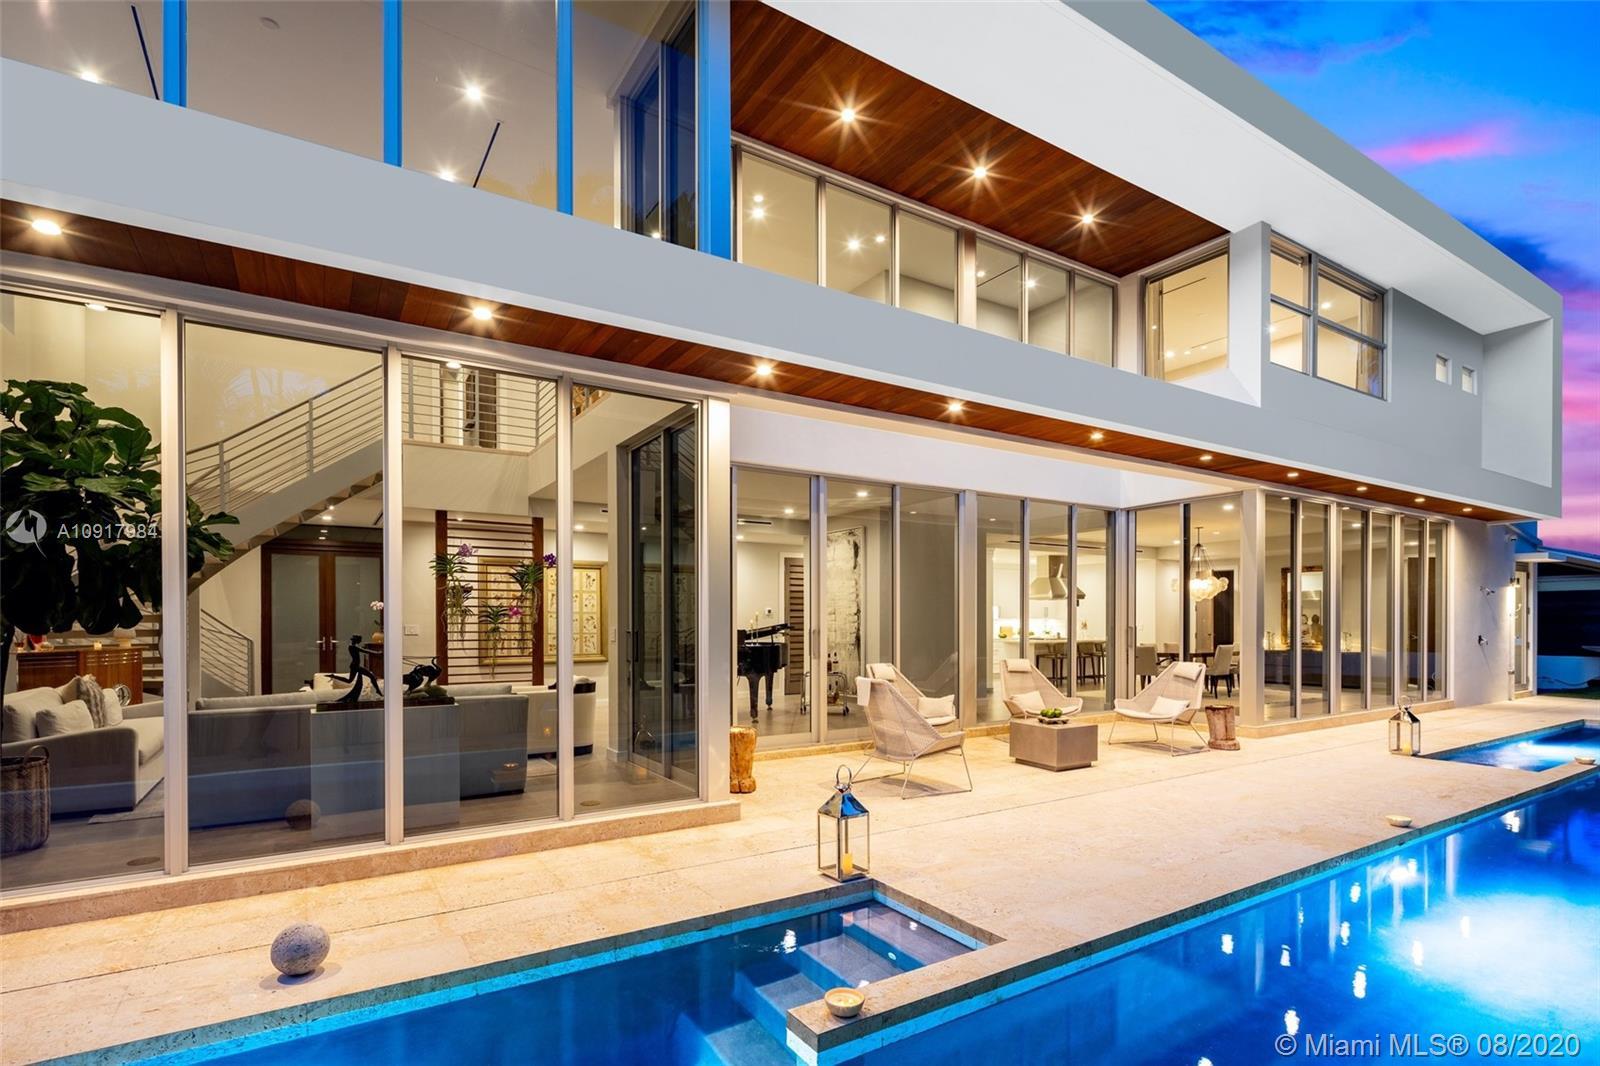 Bay Homes - 3630 N Bay Homes Dr, Miami, FL 33133